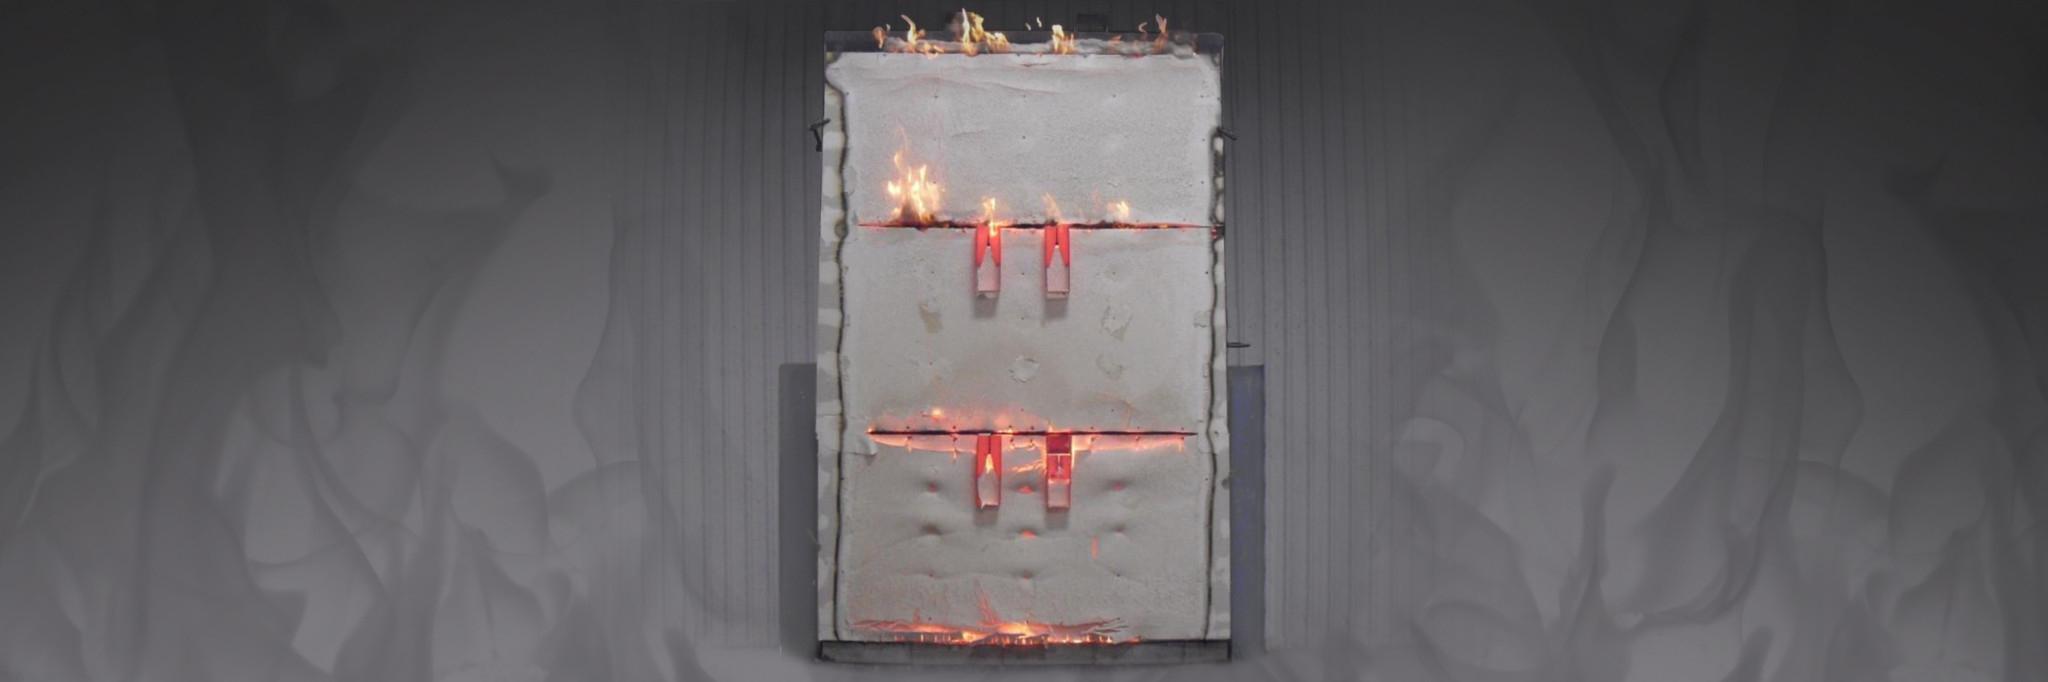 DG Fire Wall Hanger